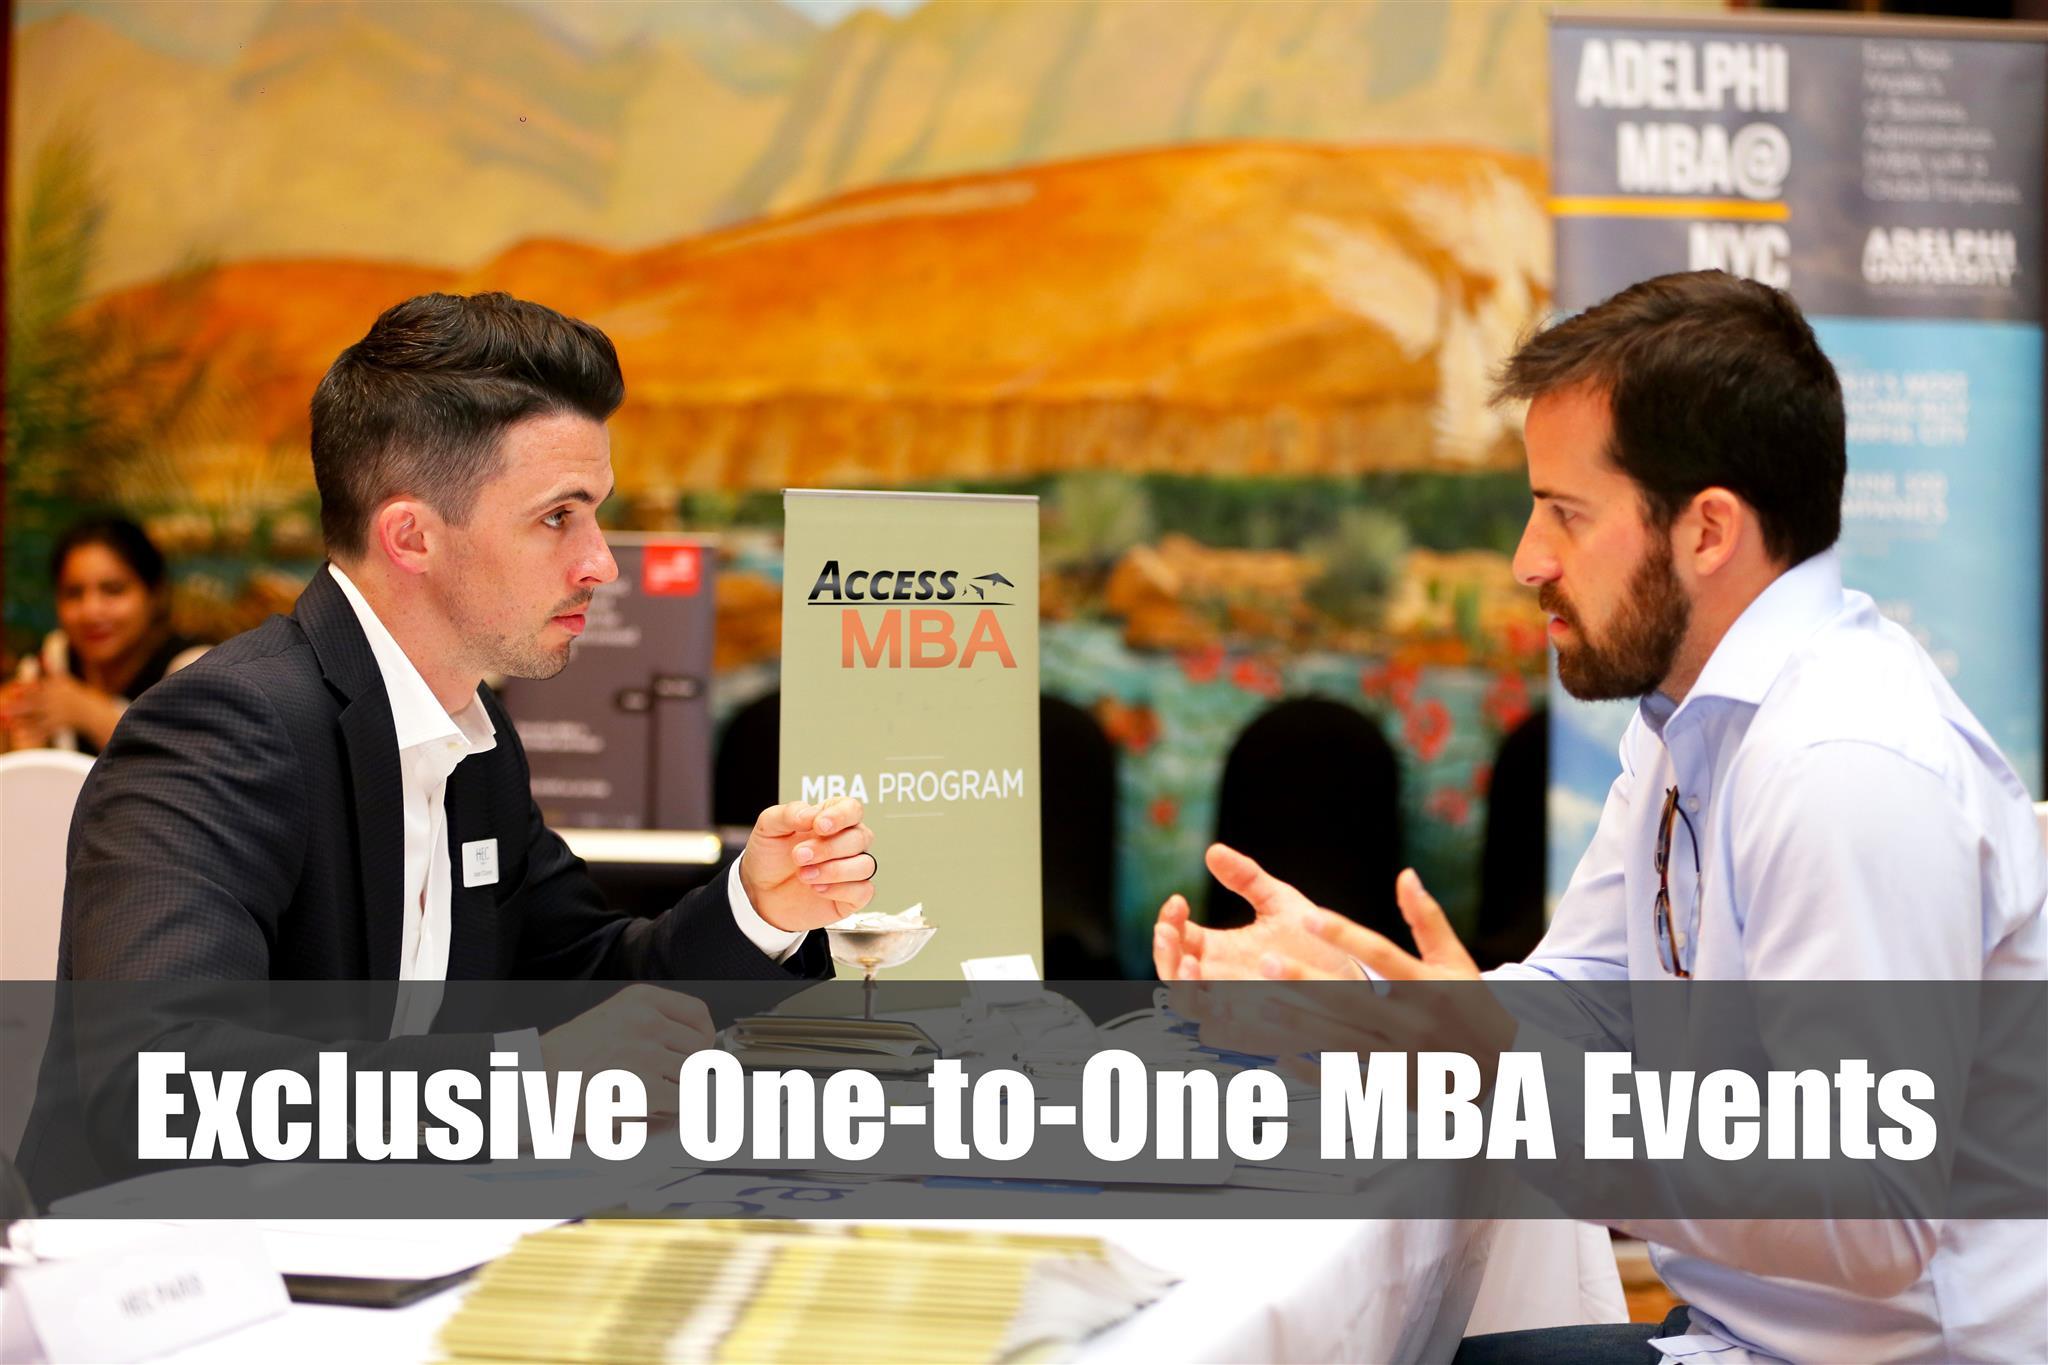 O líder mundial em eventos de MBA com Reuniões Individuais virá para São Paulo em 23 de fevereiro, Sao Paulo, Brazil